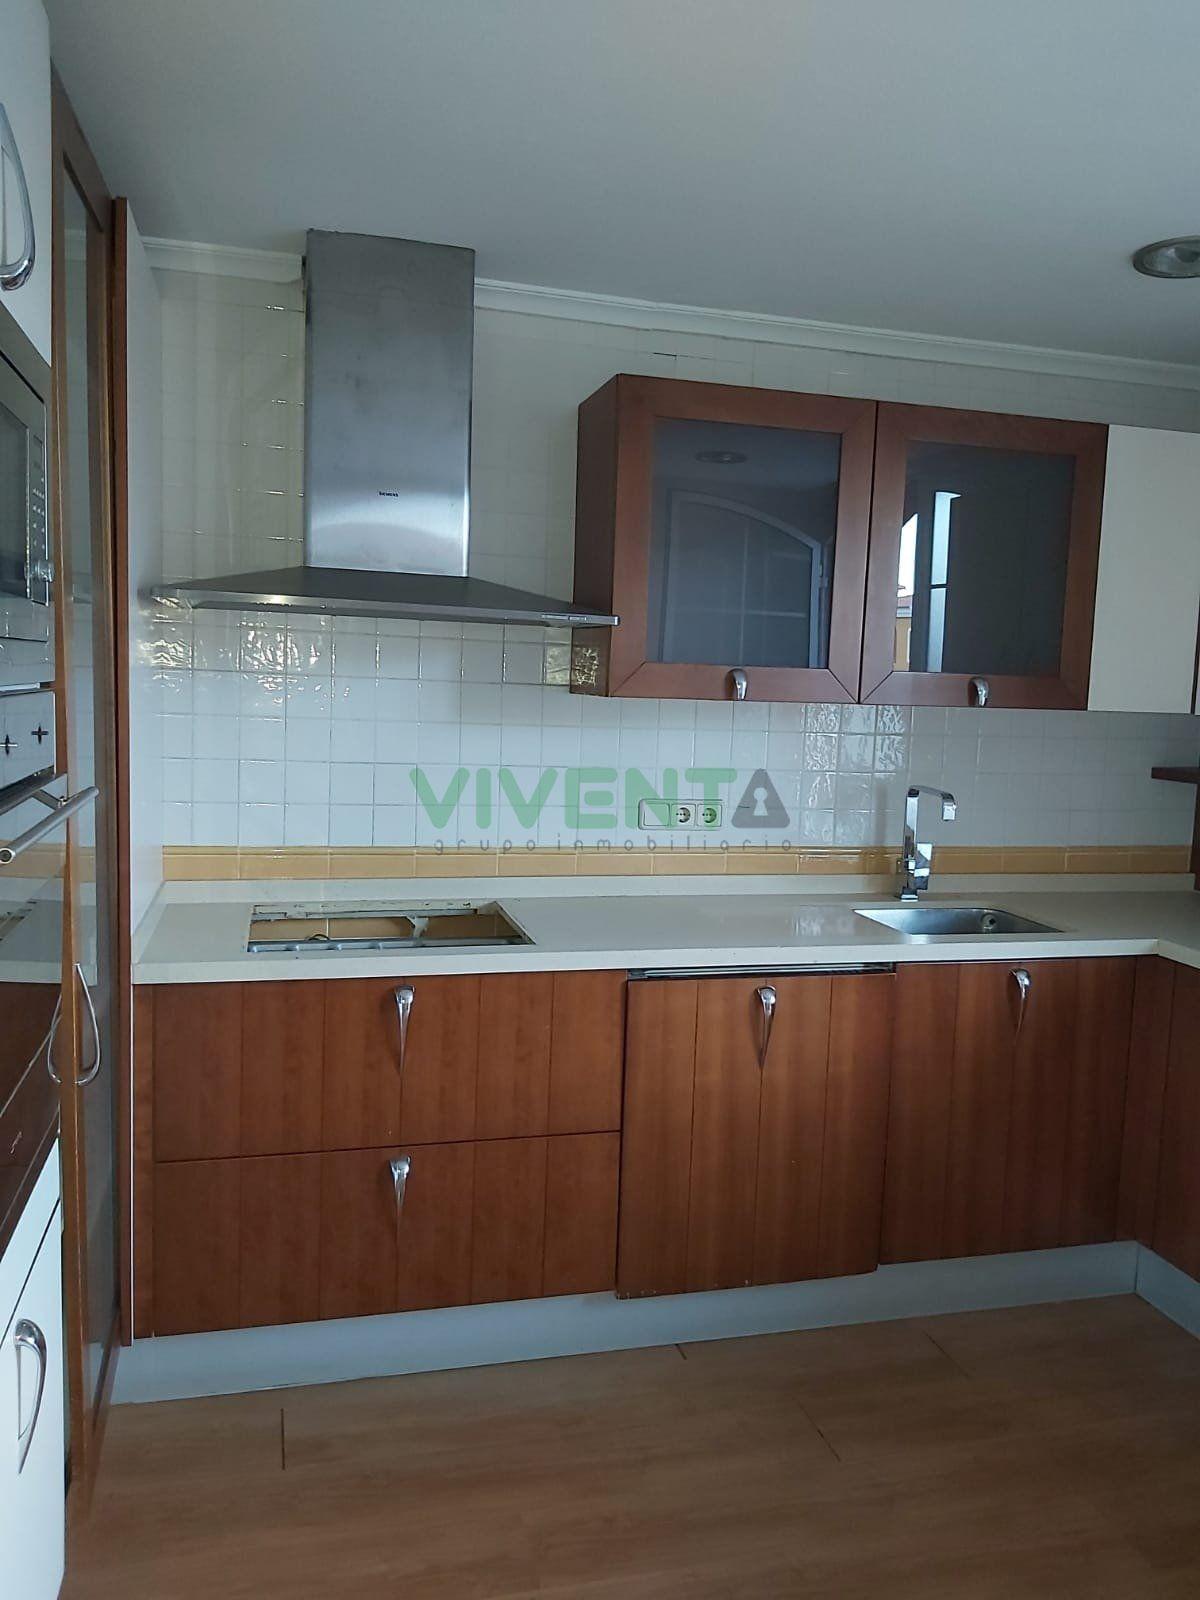 Adosado · Murcia · Montepinar 212.000€€